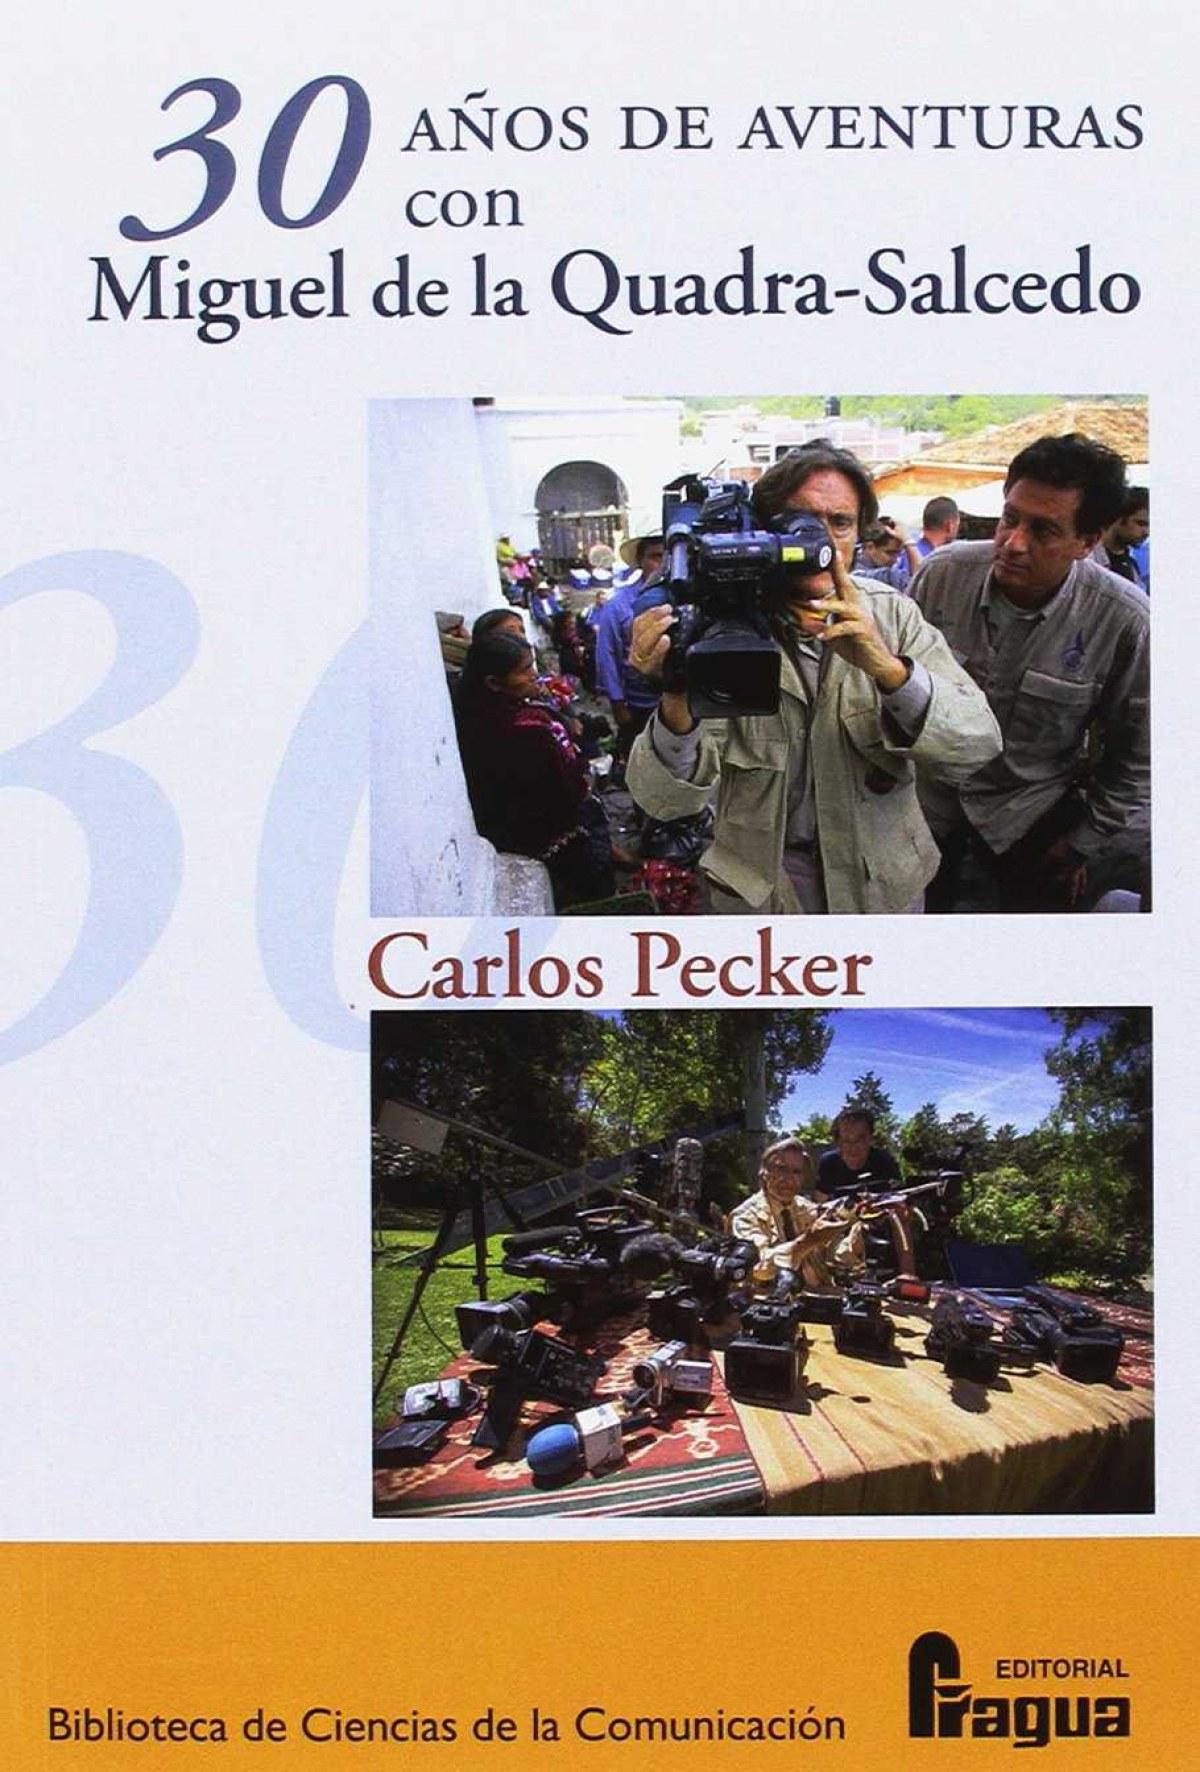 30 AñOS AVENTURAS CON MIGUEL DE LA QUADRA-SALCEDO 9788470747410